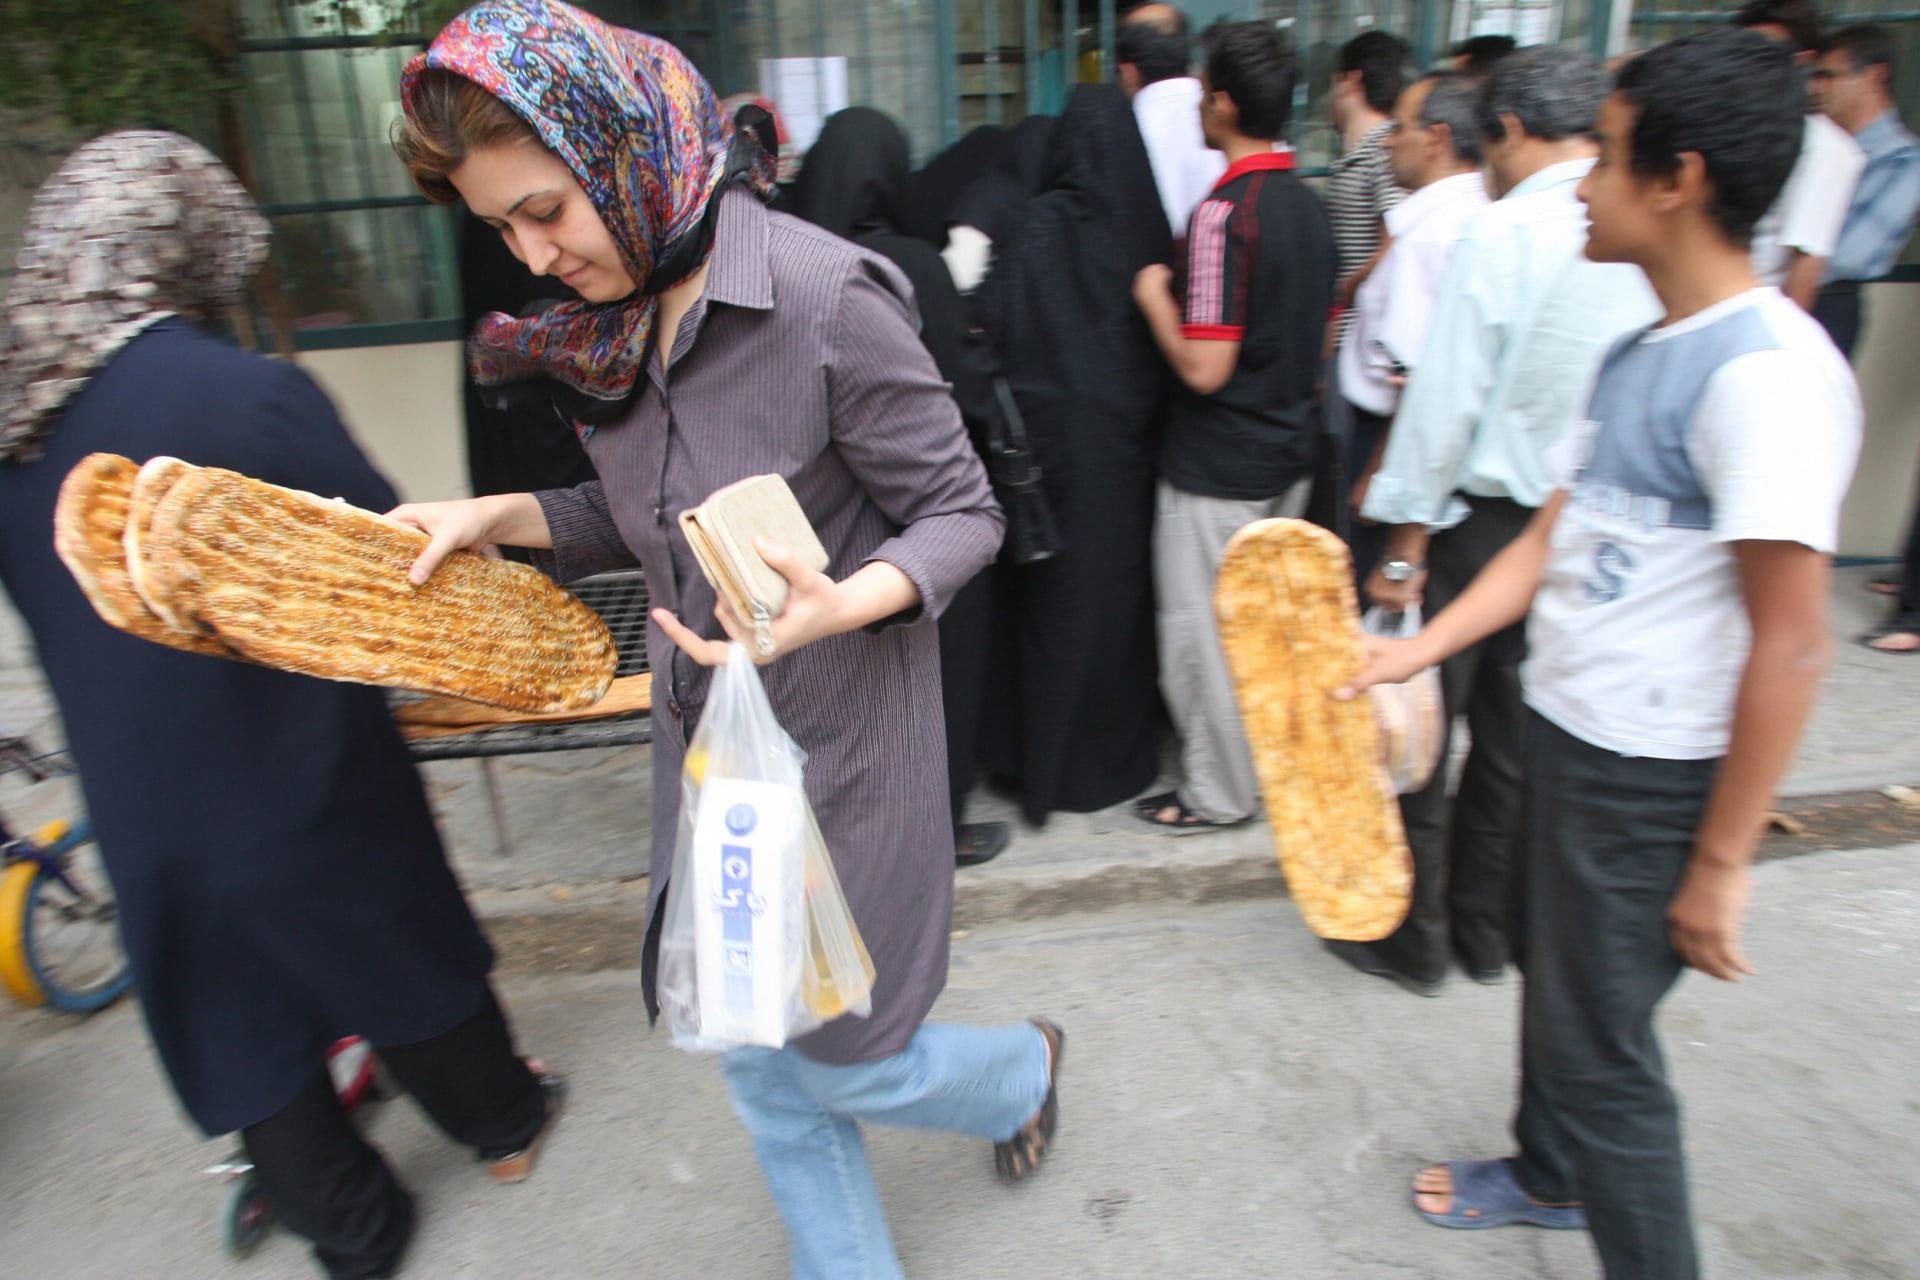 رأي.. كامليا انتخابي فرد تكتب لـCNN: لا مكان لملالي طهران في عربة الاتحاد الأوروبي المالية